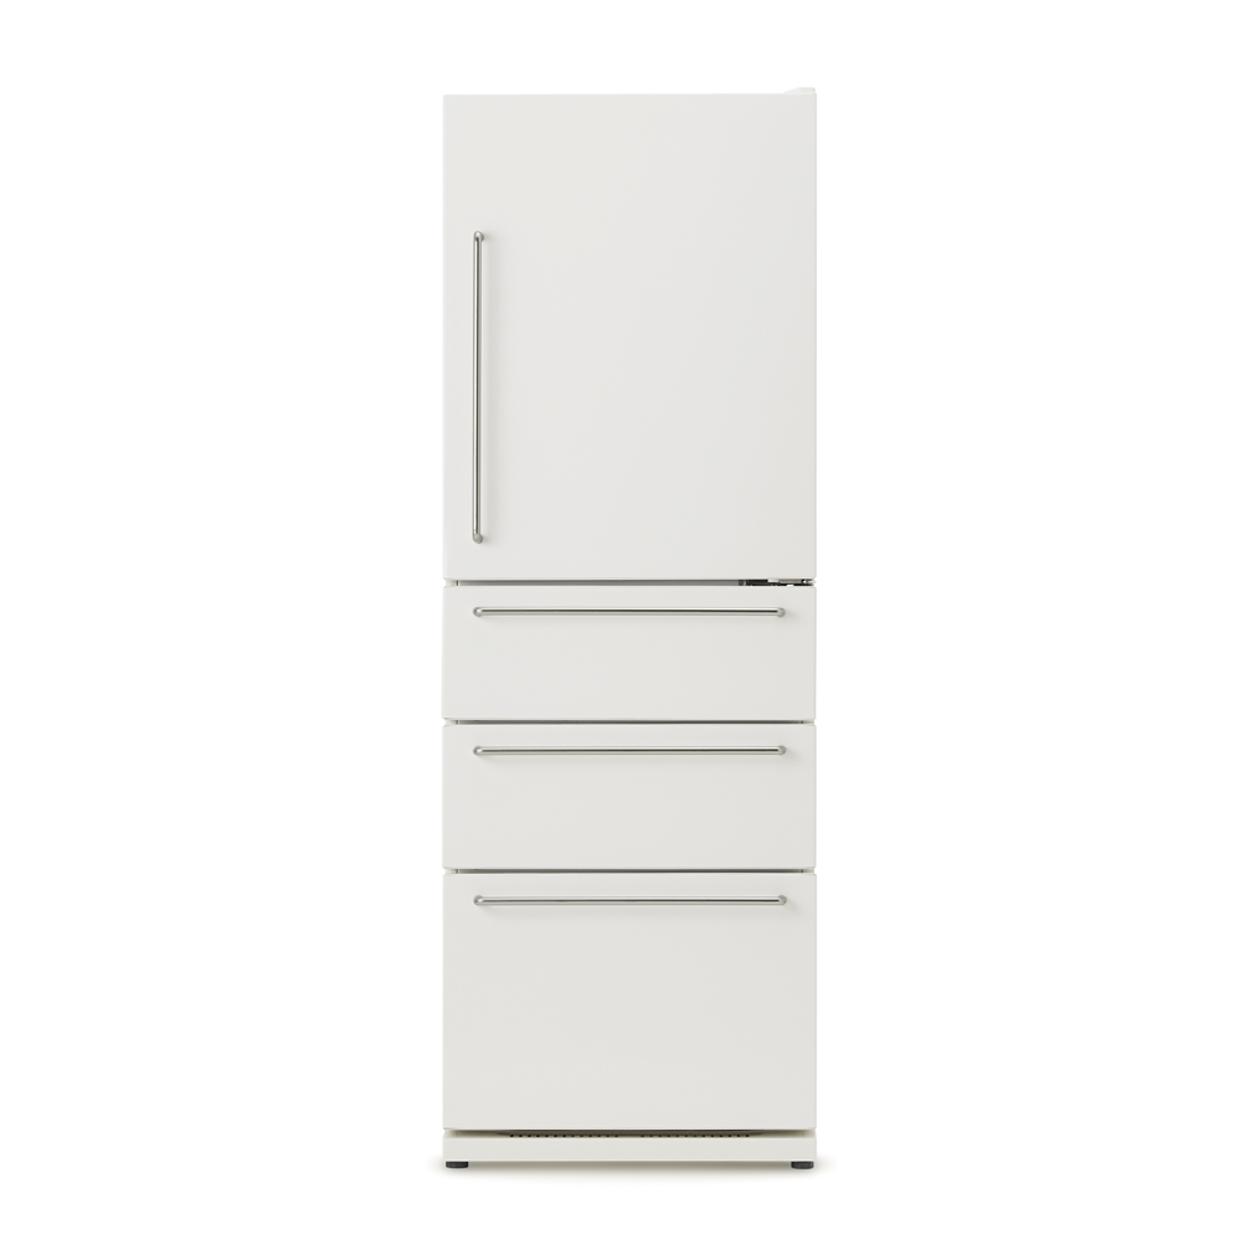 이제 겨우 냉장고, 세탁기 구매완료